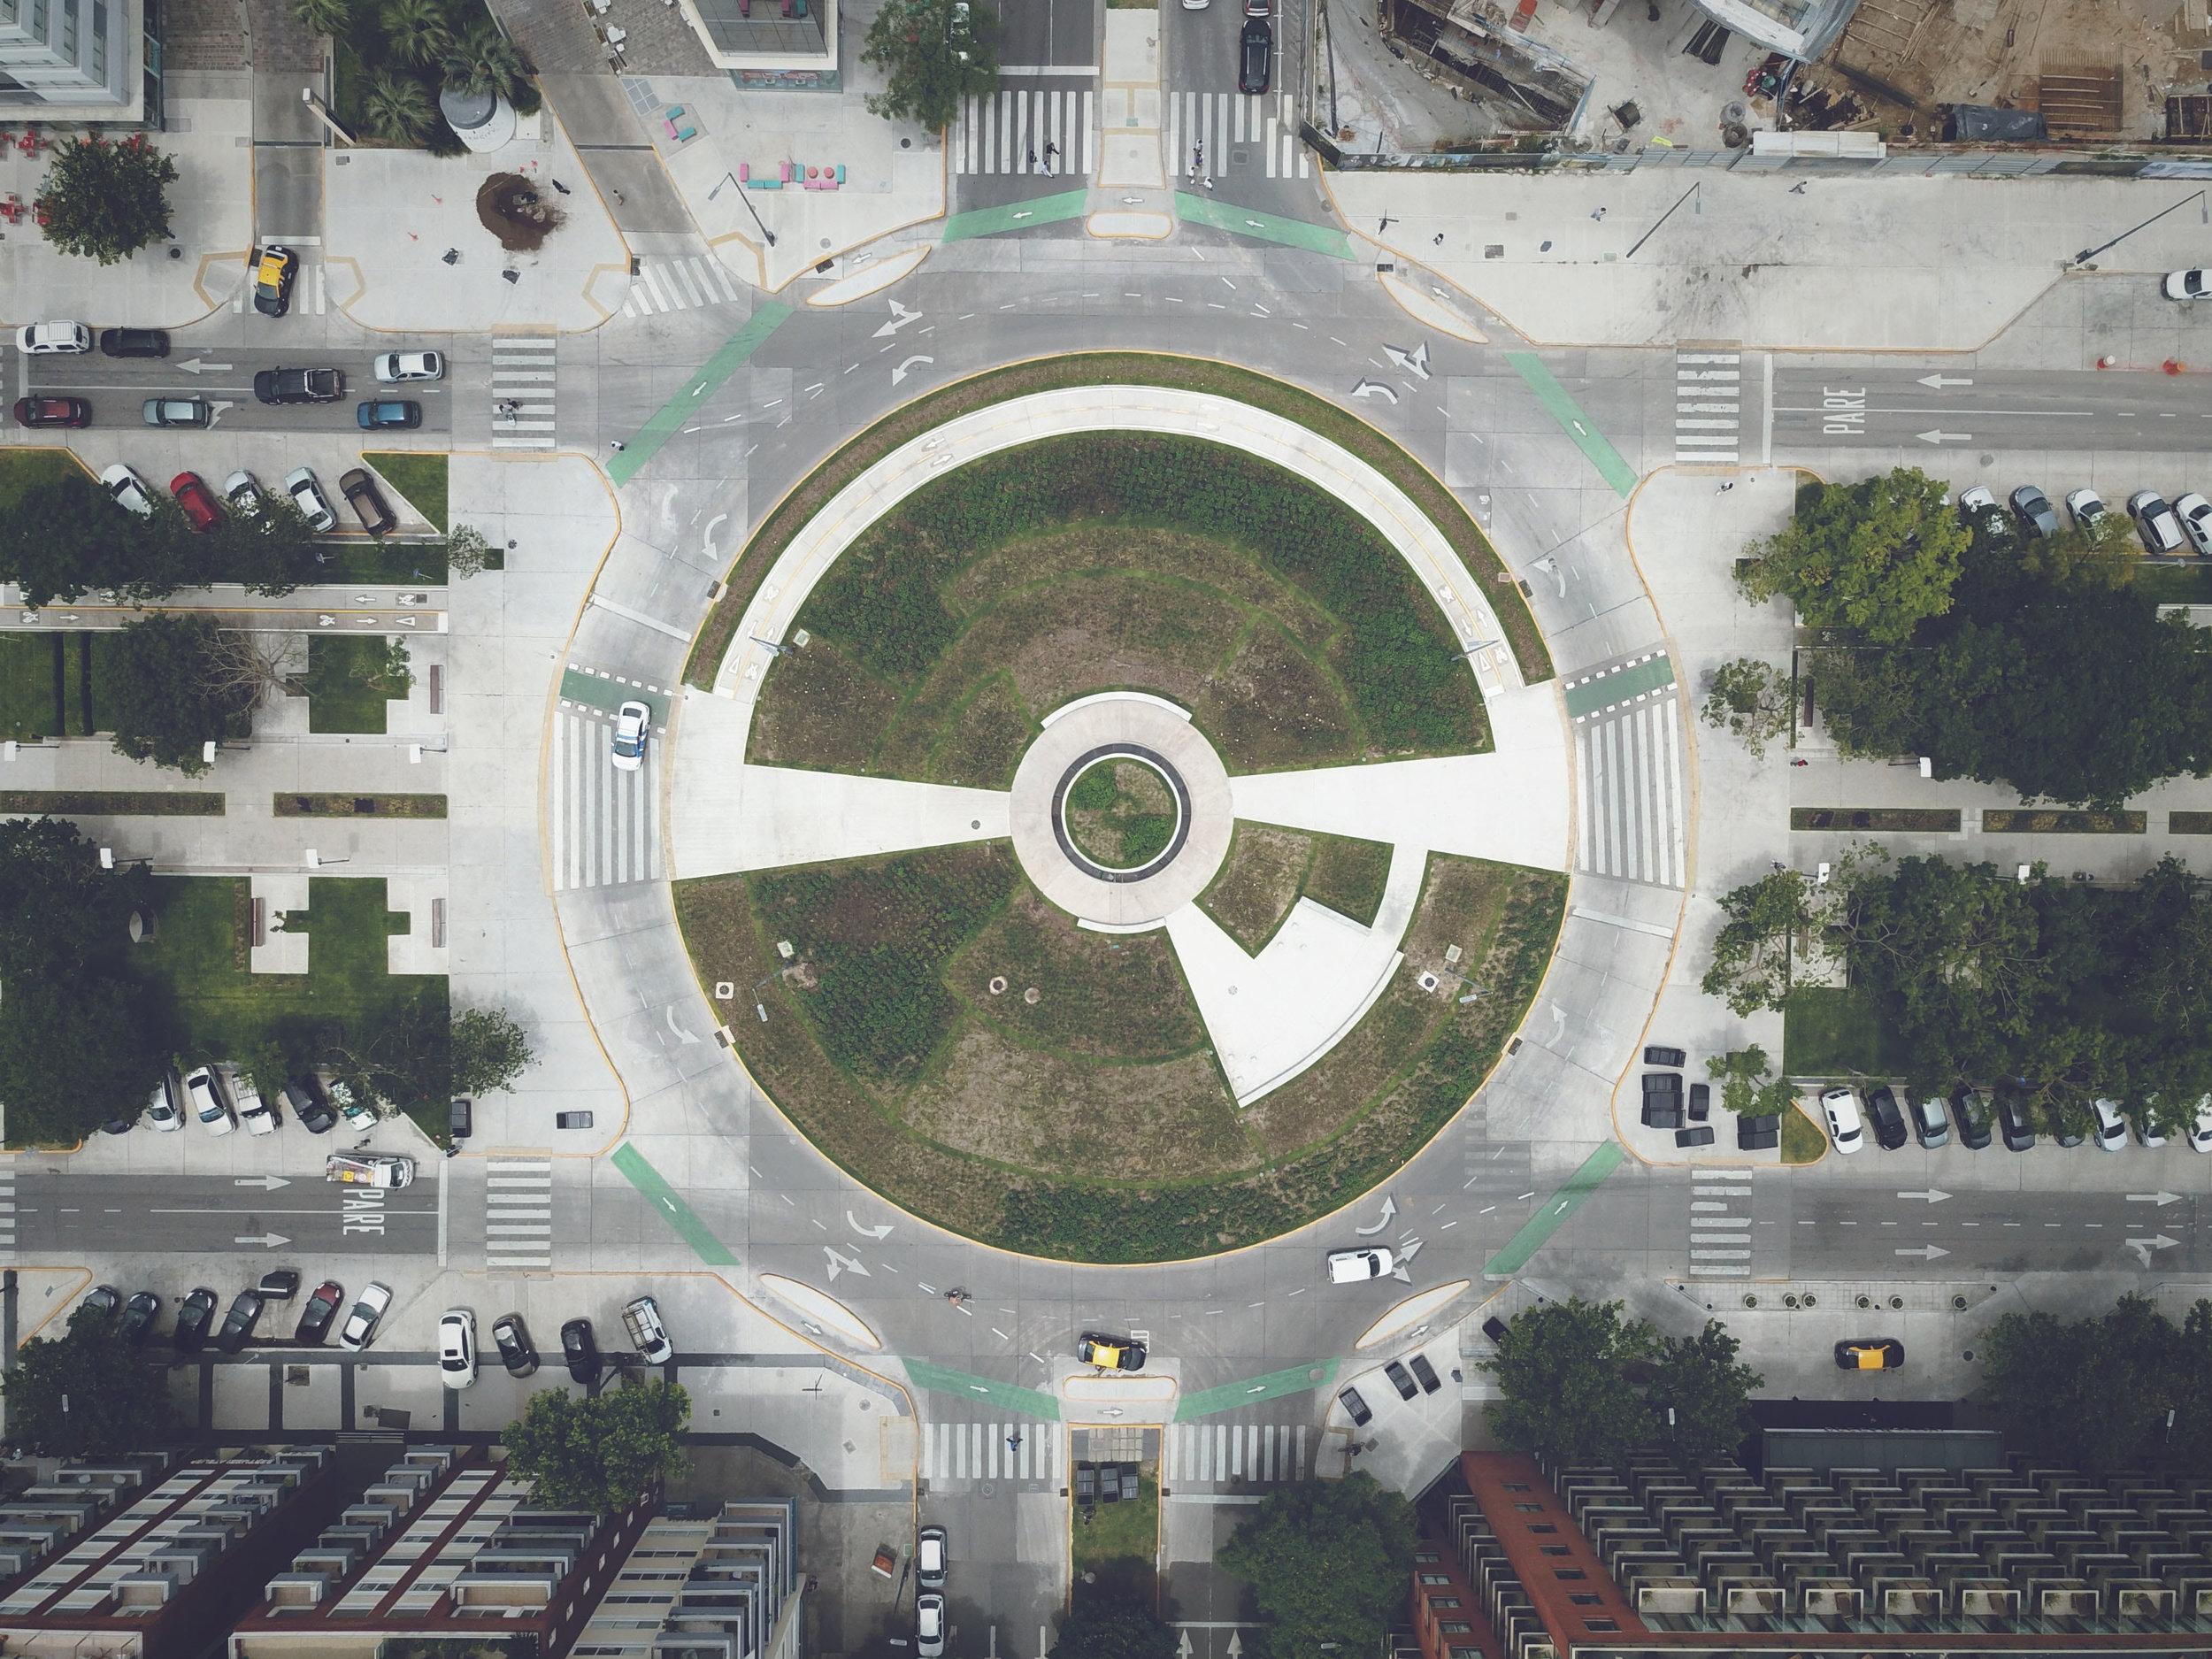 Circular city centre